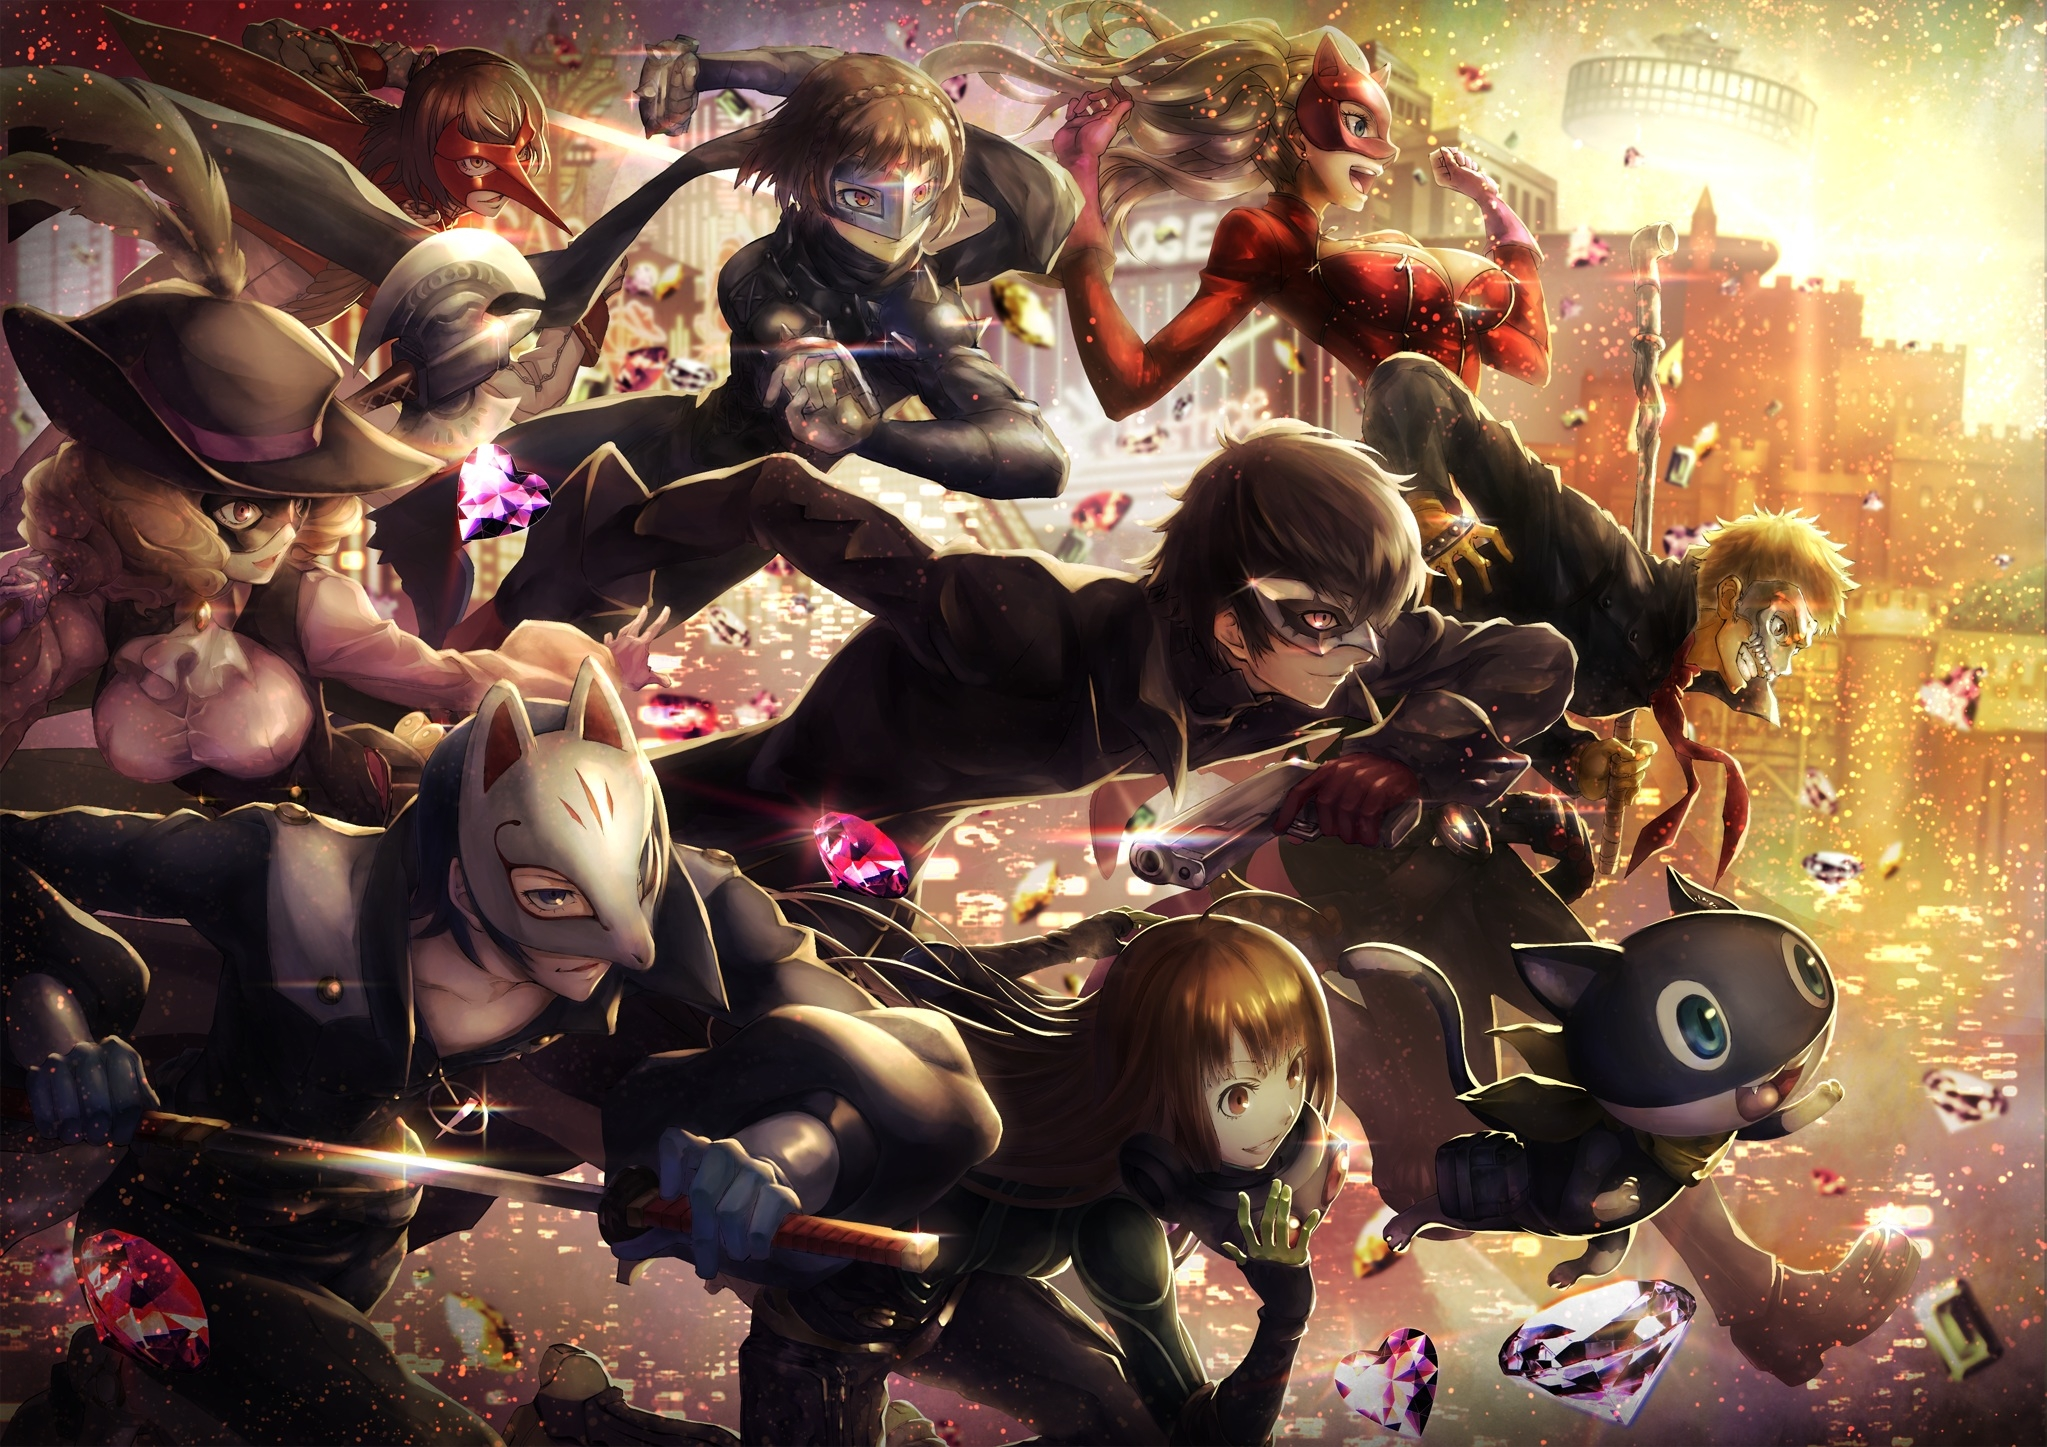 Wallpaper Persona 5 Akechi Goro Kurusu Akira Okumura Haru 2047x1447